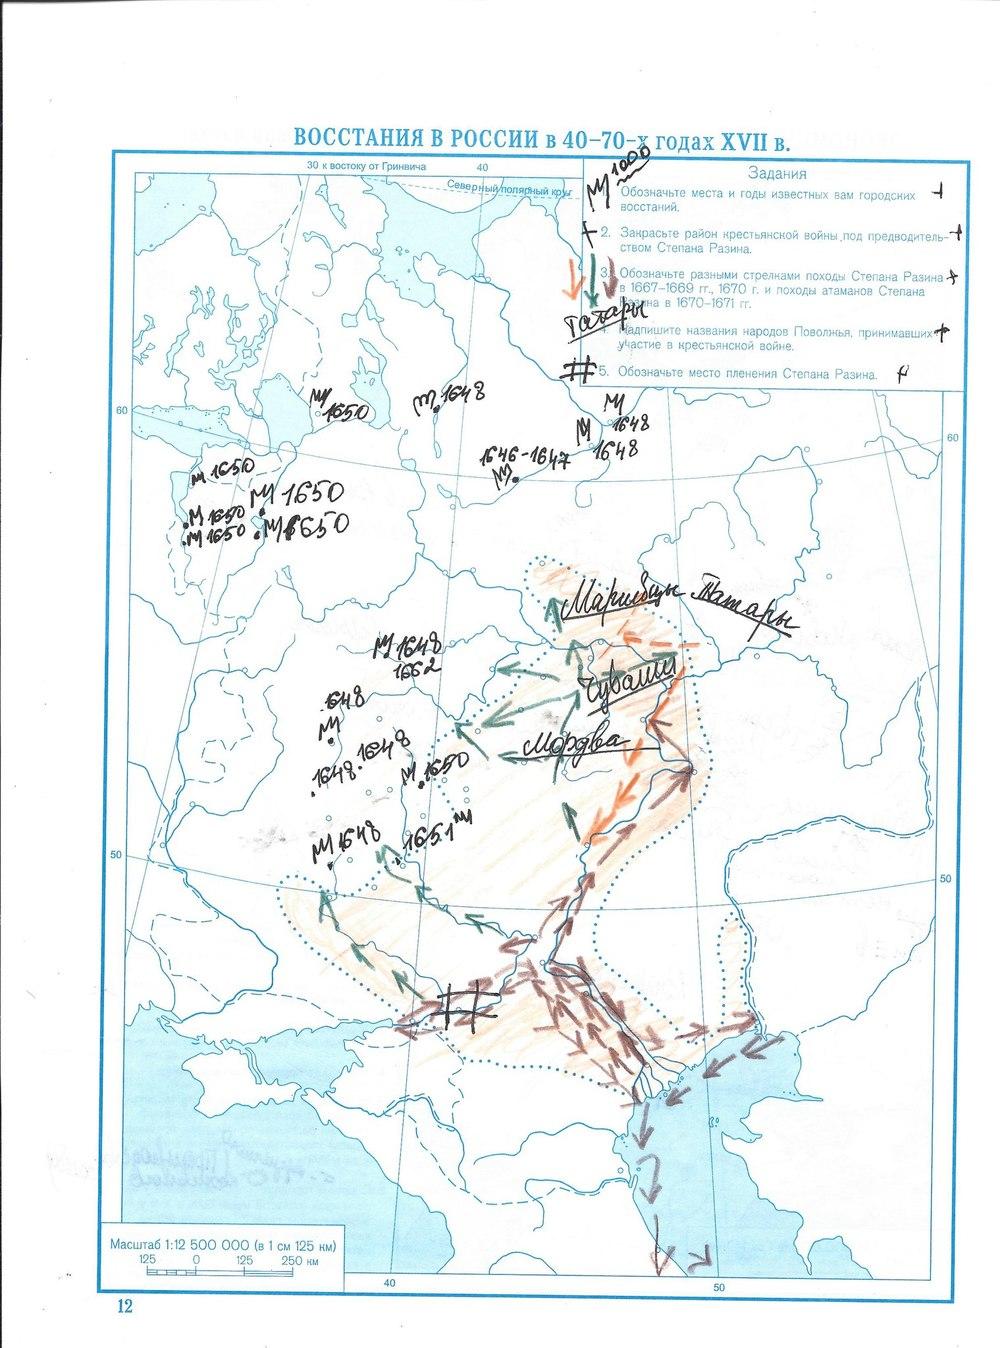 гдз контурная карта по истории 10-11 класс россия и мир дрофа